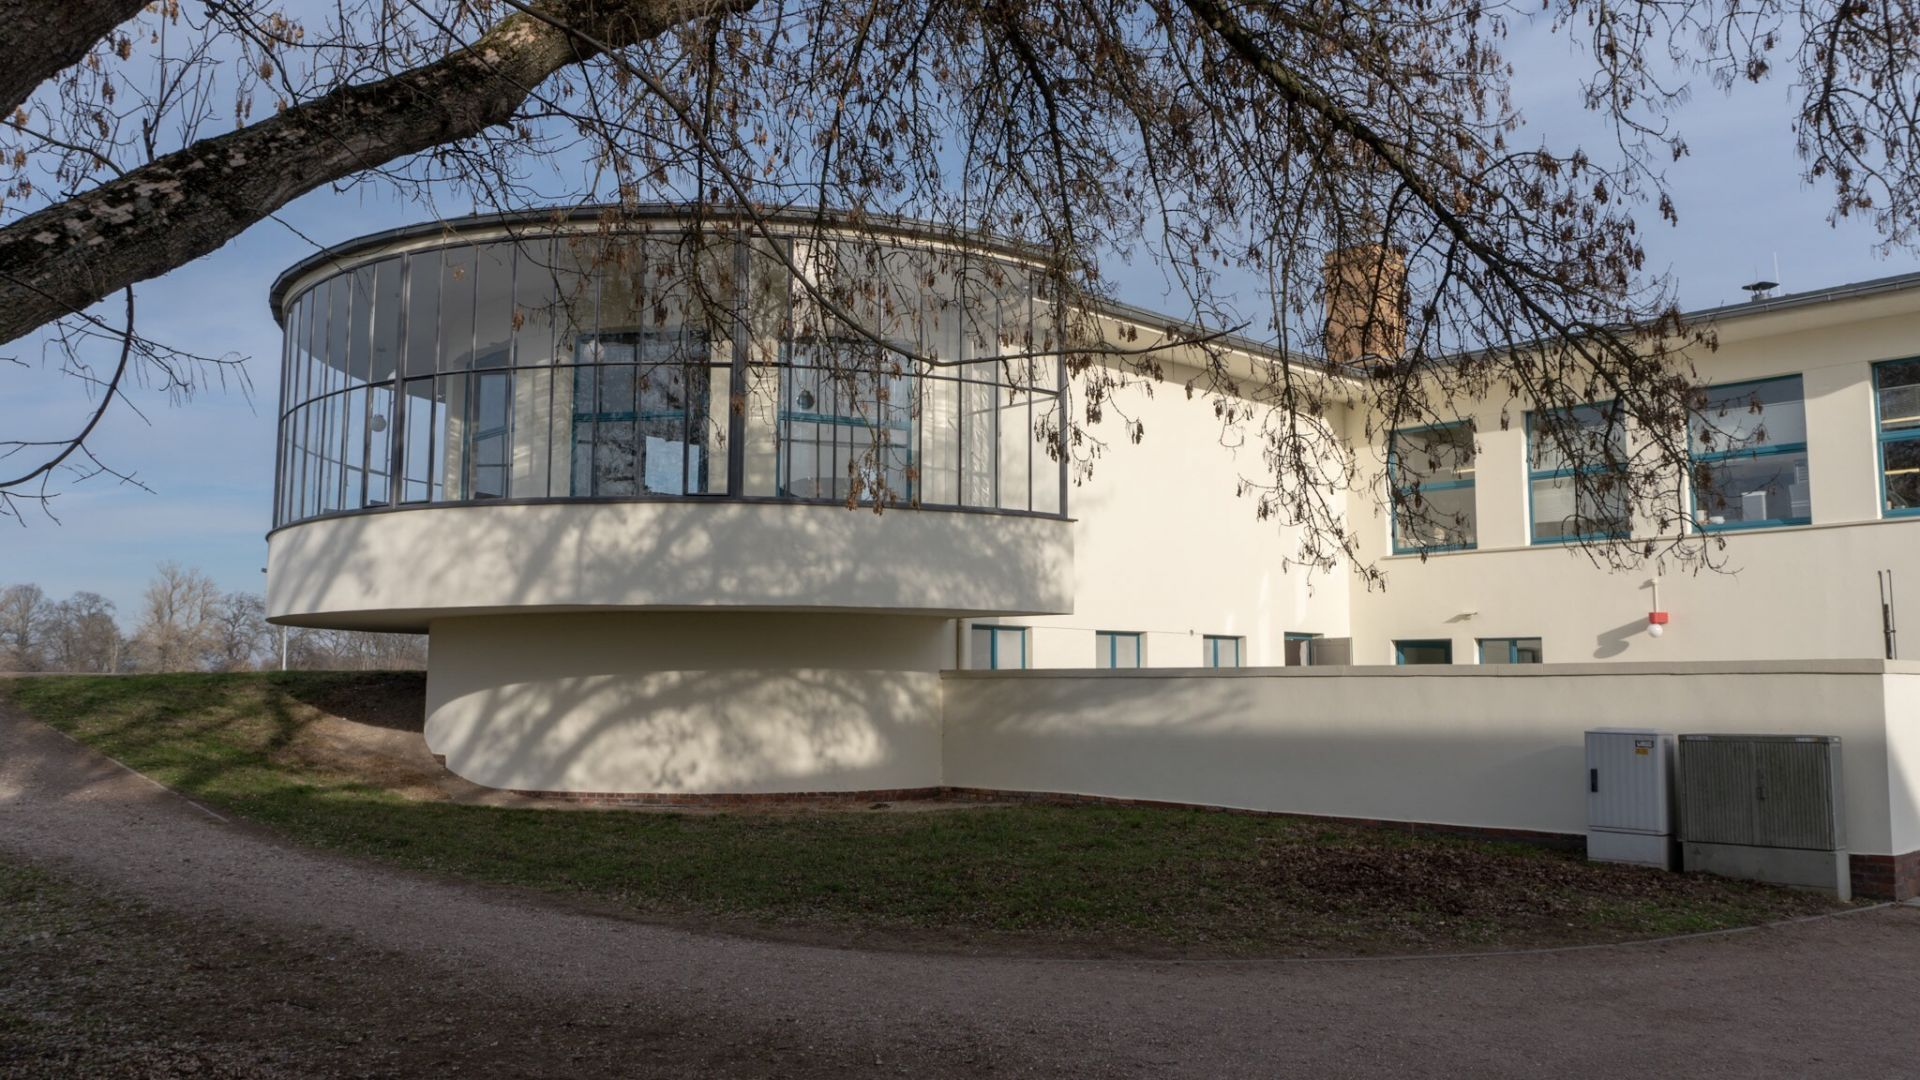 Das Kornhaus an der Elbe, gleich hinter dem Deich